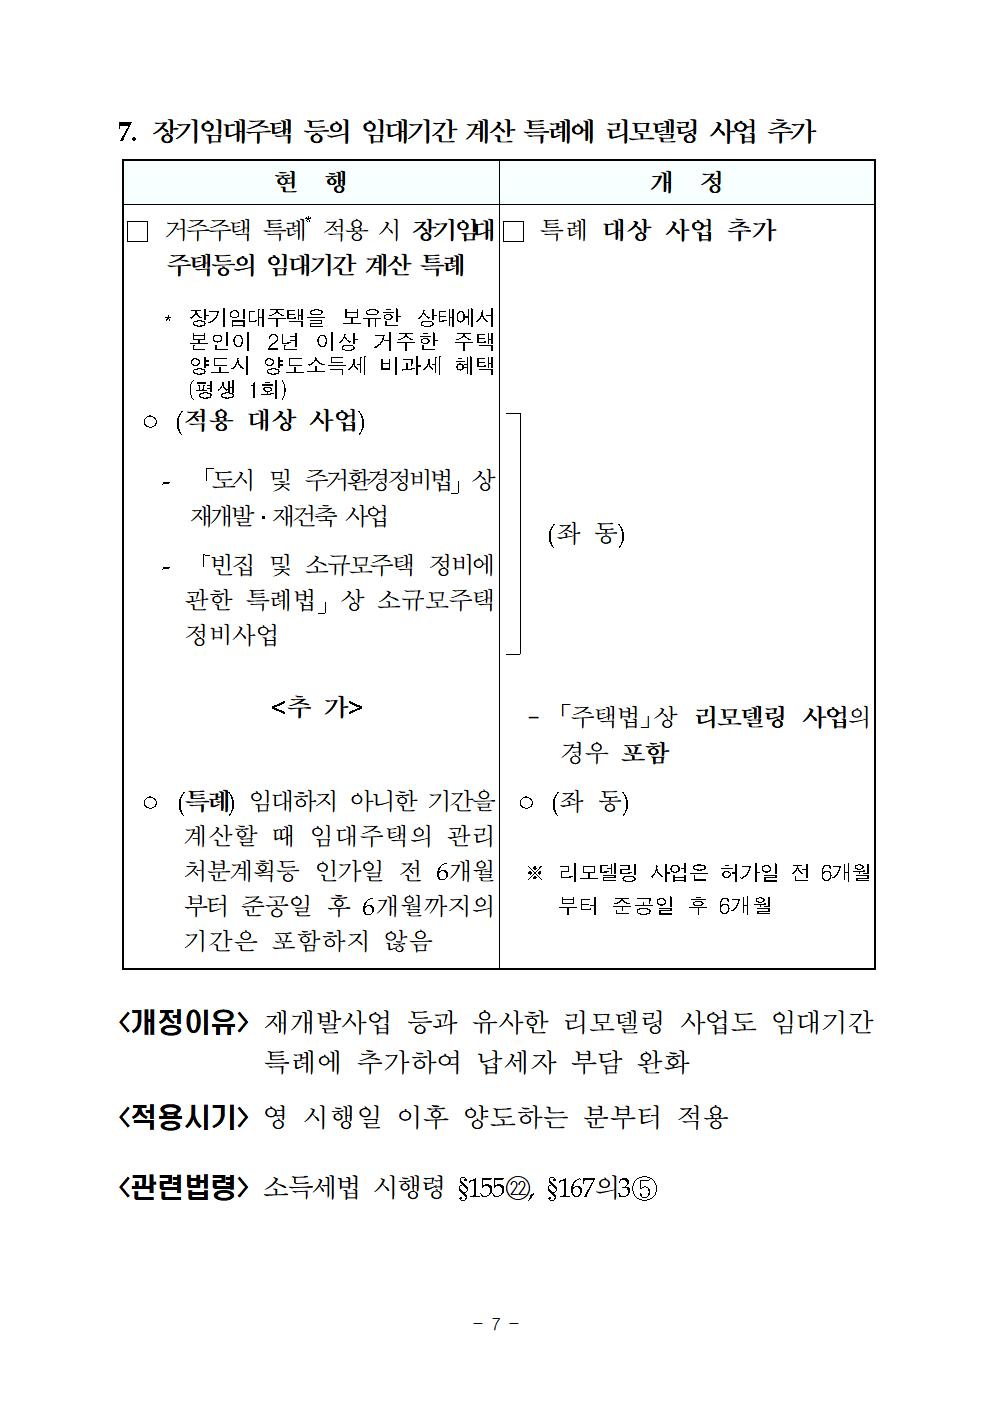 2019년세법개정내용(양도소득세분야)012.png